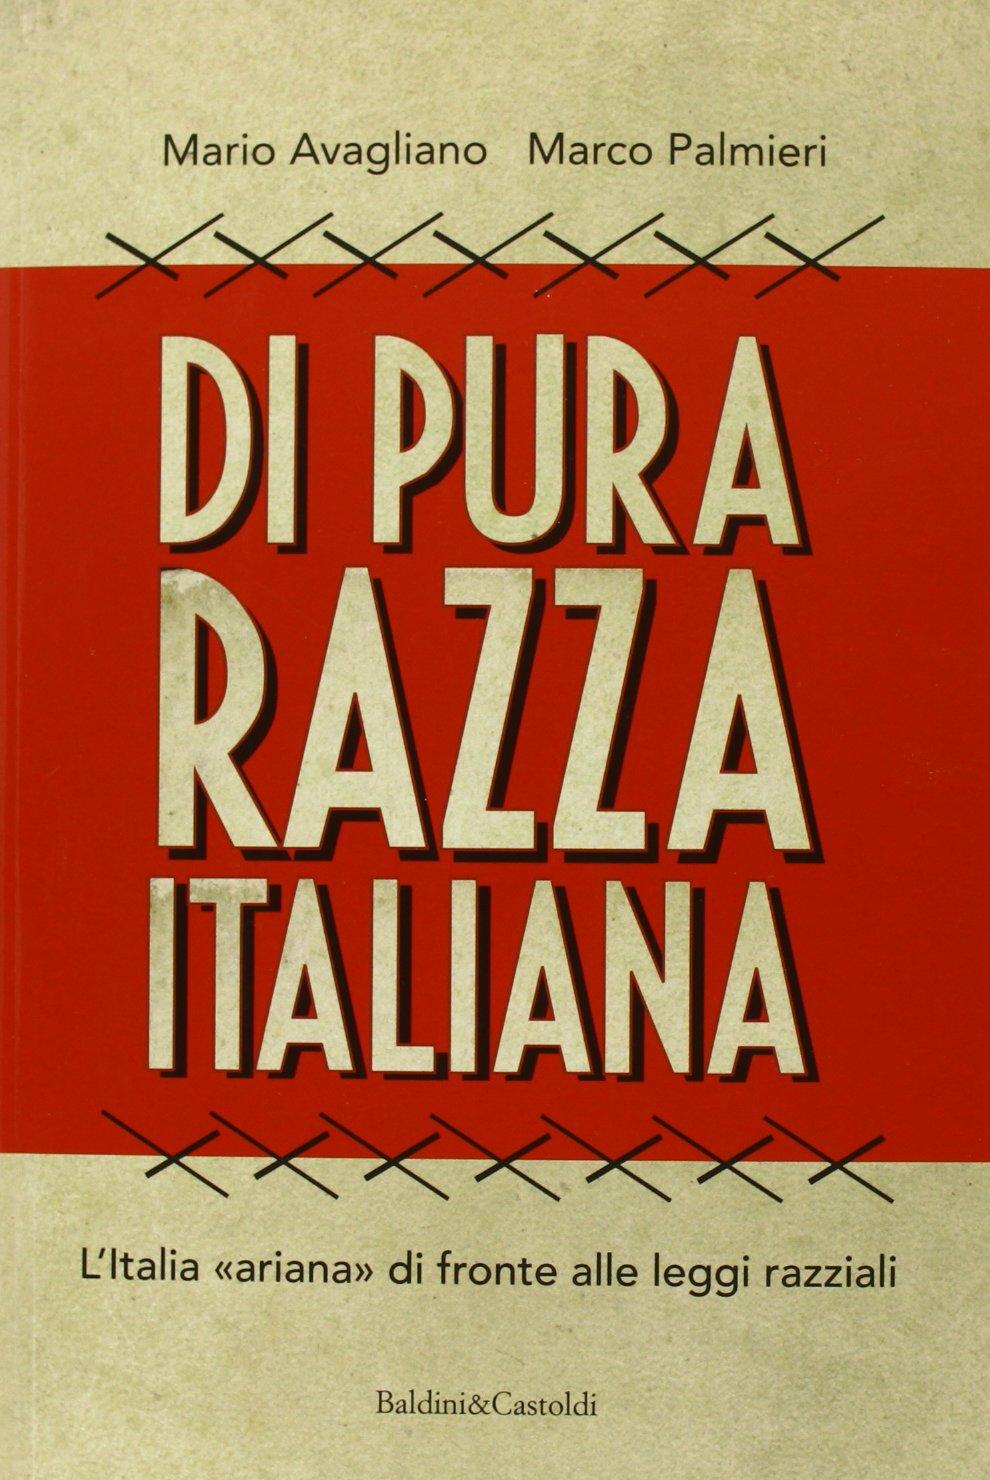 Di pura razza italiana. L'Italia «ariana» di fronte alle leggi razziali:  Avagliano, Mario, Palmieri, Marco: 9788868520540: Amazon.com: Books